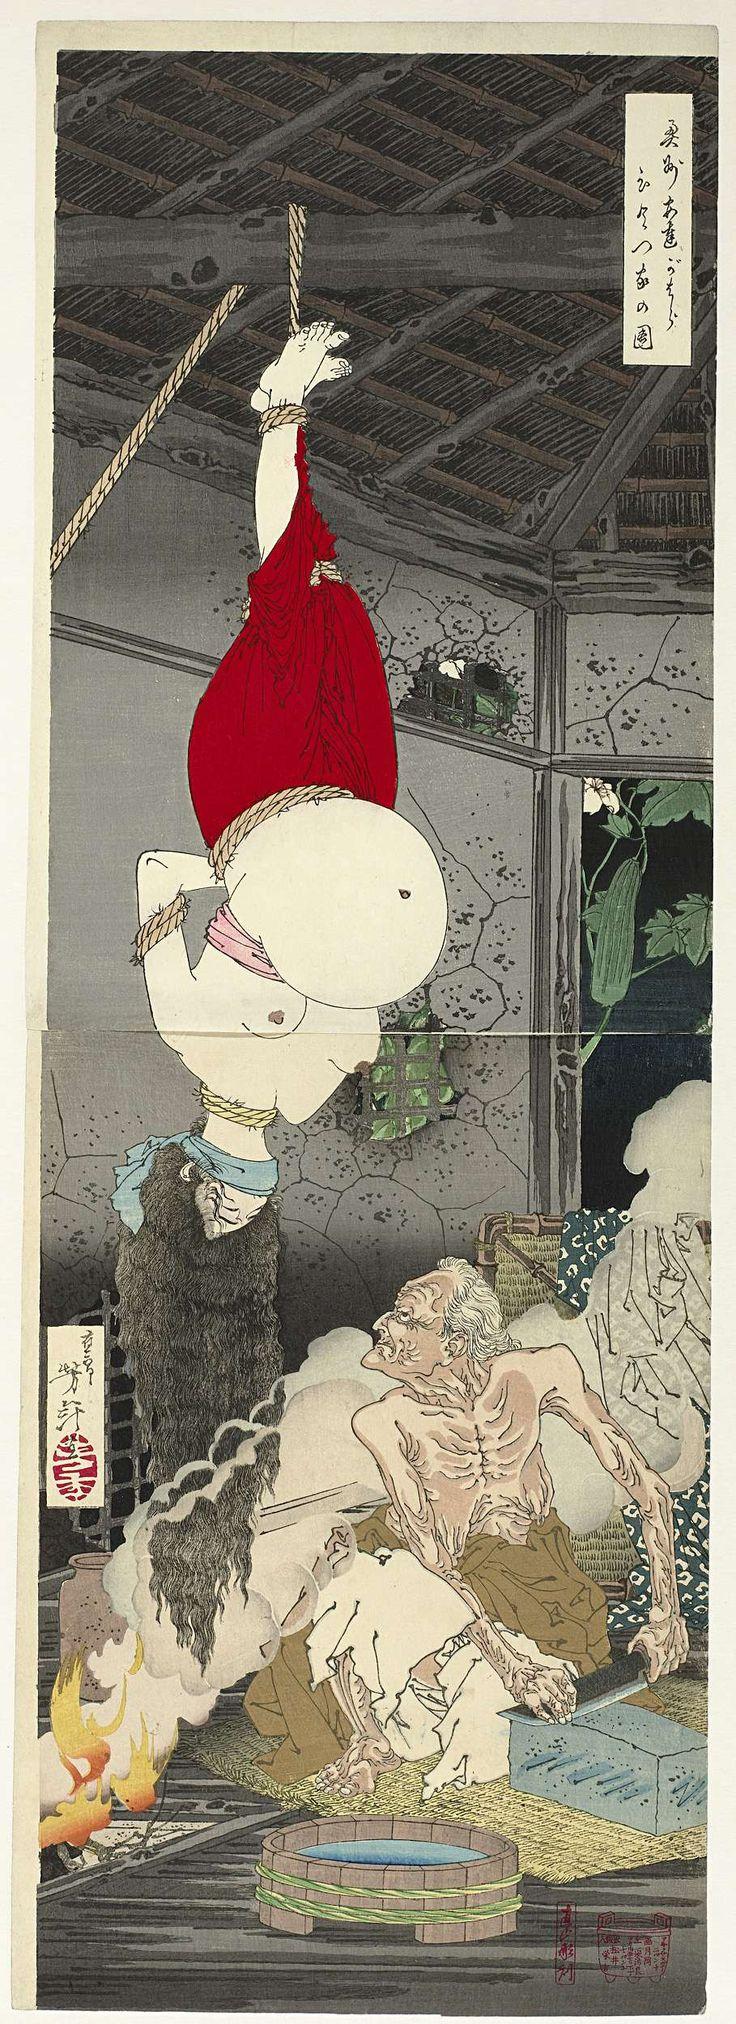 Tsukioka Yoshitoshi | Lonely house on Adachi Moor, Tsukioka Yoshitoshi, 1885 | Diptiek. Een hoogzwangere vrouw is gekneveld en aan haar voeten opgehangen boven een vuurtje. naast het vuur zit een half naakte oude vrouw een mes te slijpen